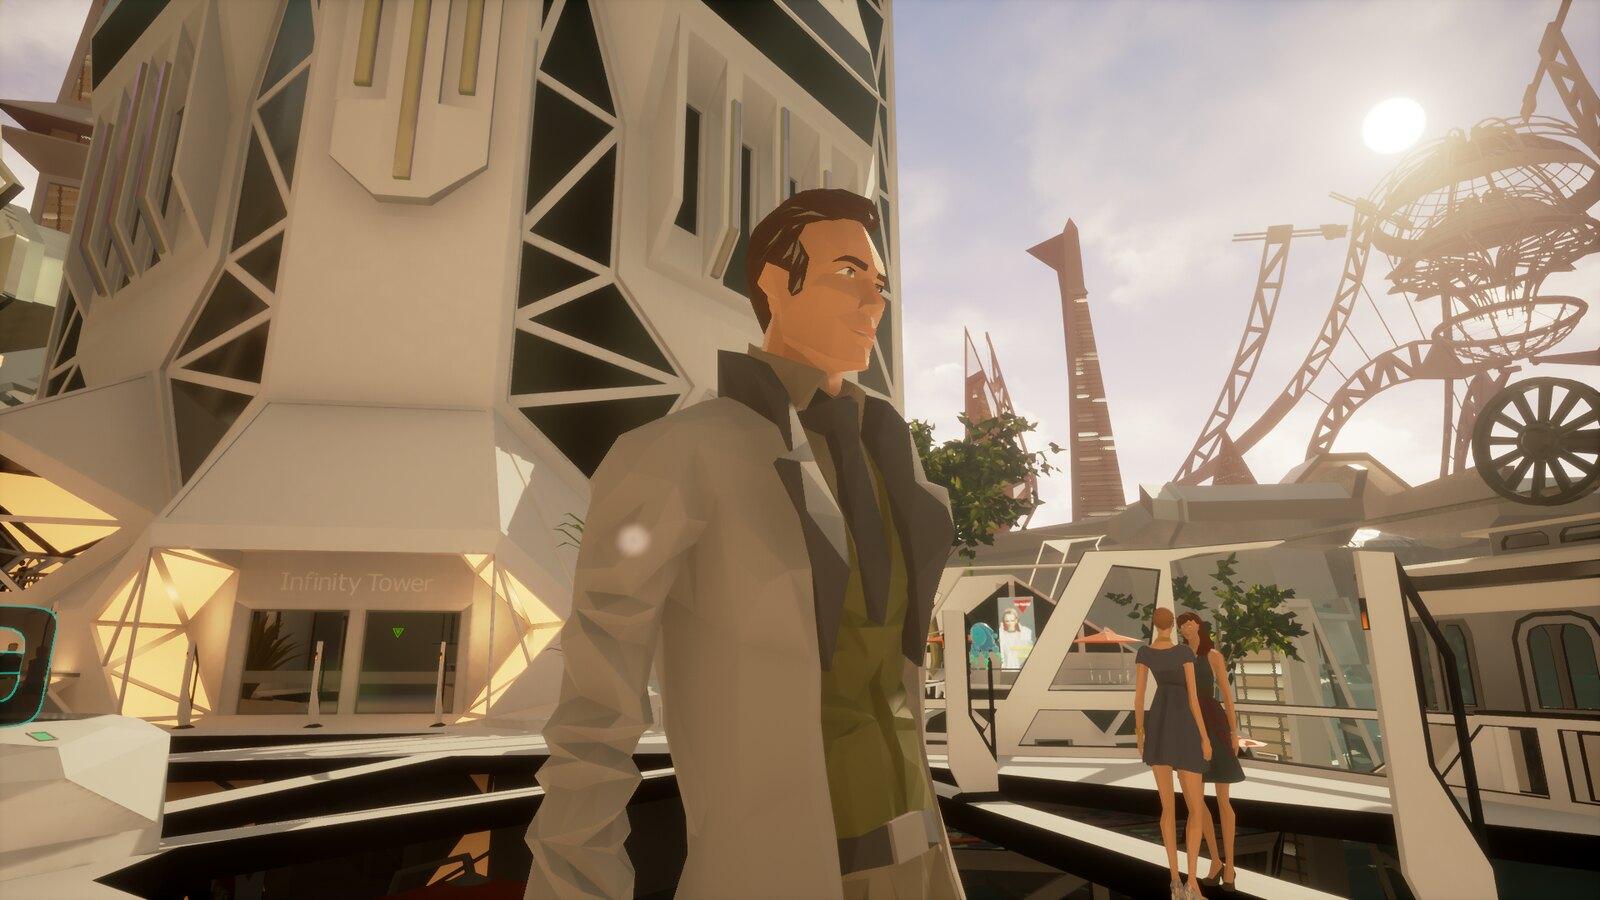 41528383610 ec65e2a0be h - Im Sci-Fi-Thriller State of Mind spielt ihr in zwei unterschiedlichen Welten sechs verschiedene Charaktere – Launch am 15. August